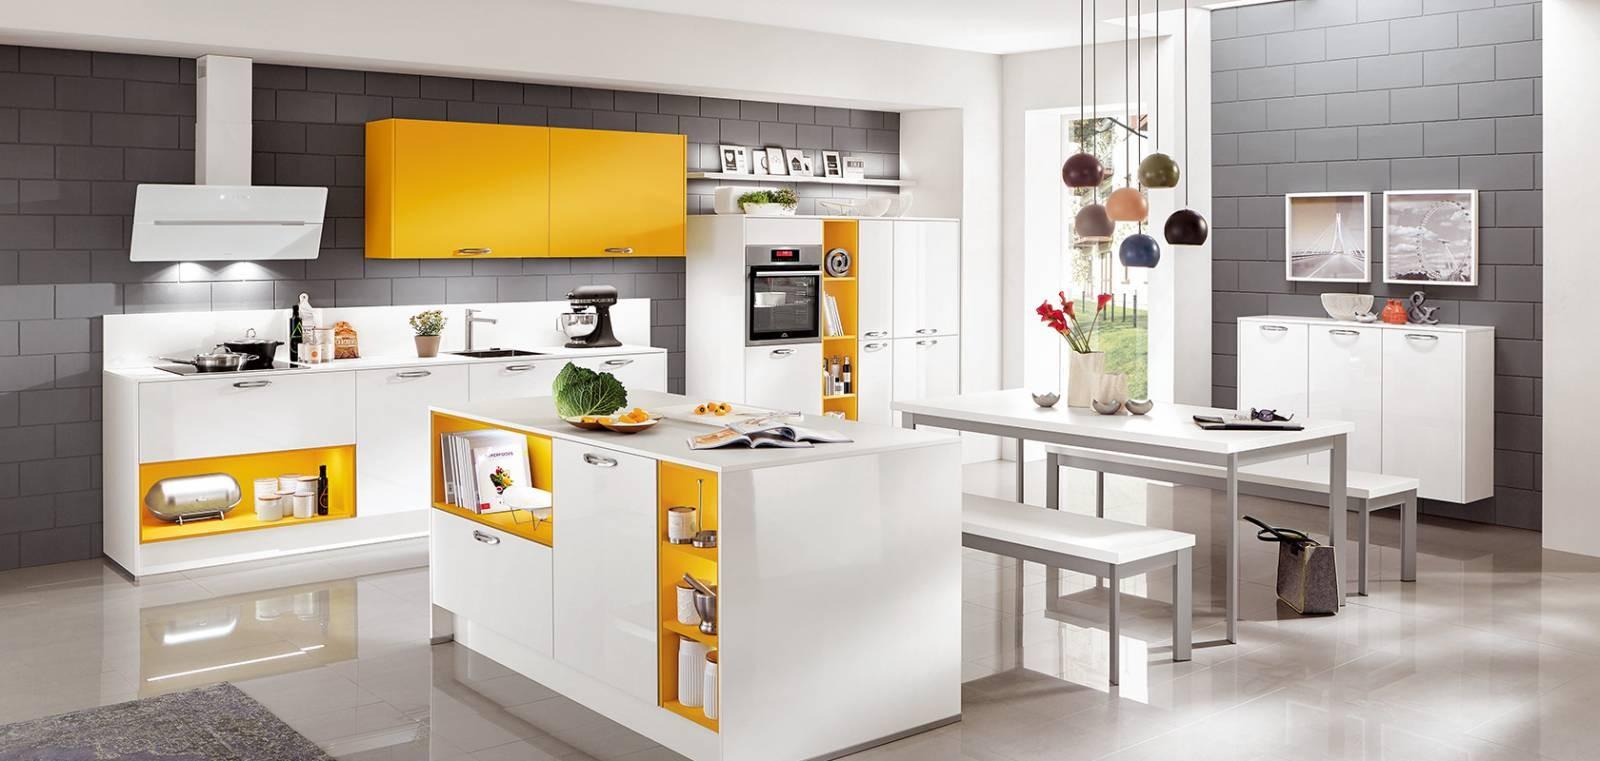 Mobilă de bucătărie modernă Nobilia Color Concept - Galben porumb